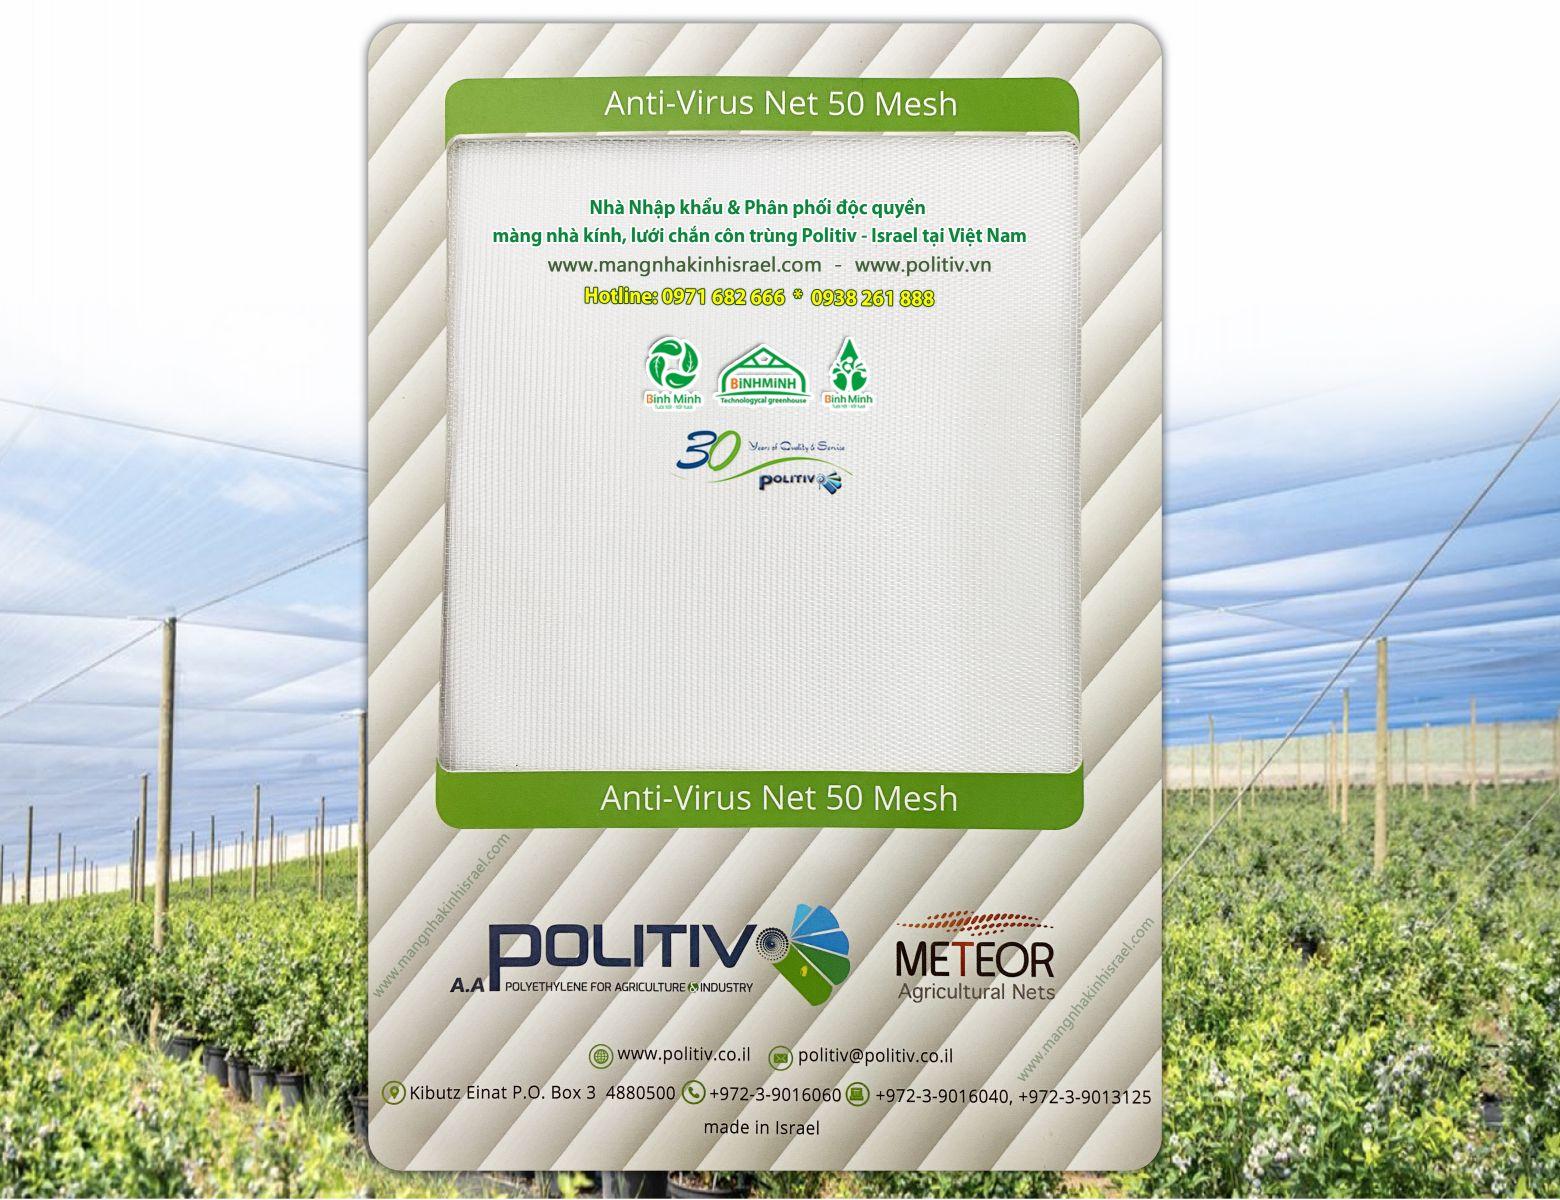 Lưới chắn côn trùng Politiv Israel 3,3m x 50m (Anti - Virus Net)